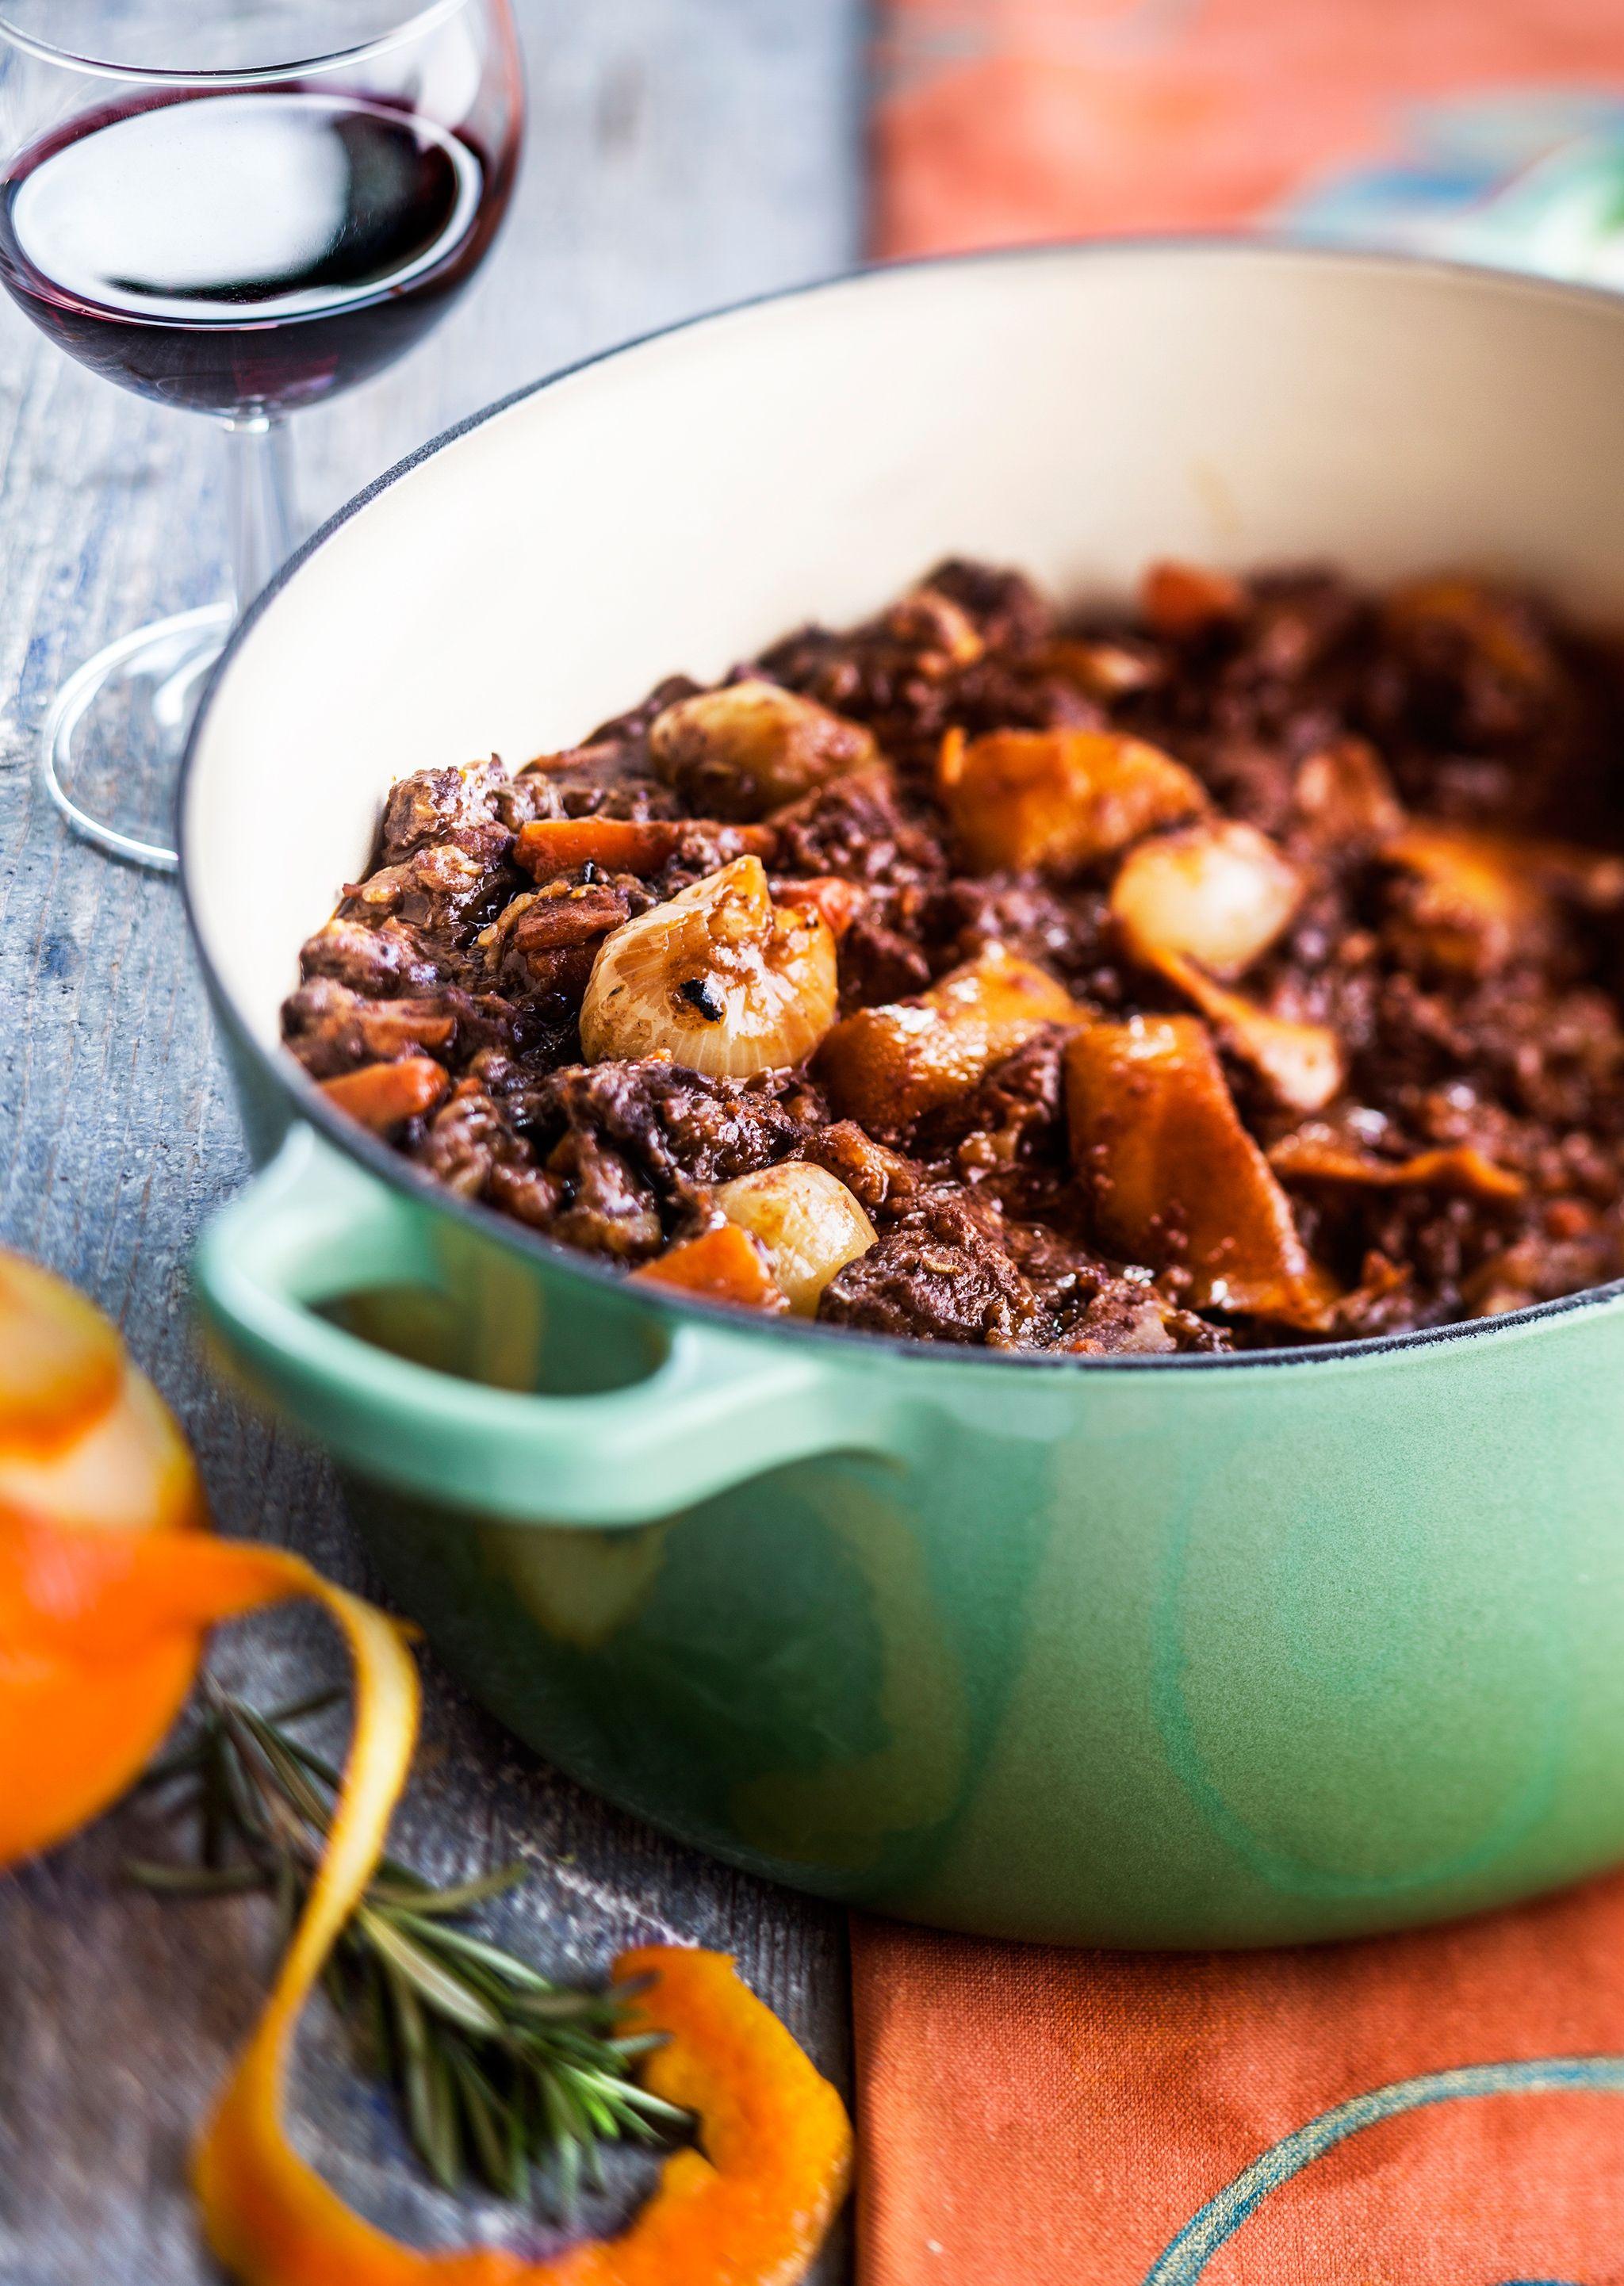 Burgundinpata on ranskalainen klassikkoruoka. Sen voi valmistaa naudan sisäpaistista, mutta oman arominsa pata saa riistasta, vaikkapa saksanhirvestä. Appelsiininkuori antaa burgundinpadalle hienostun...